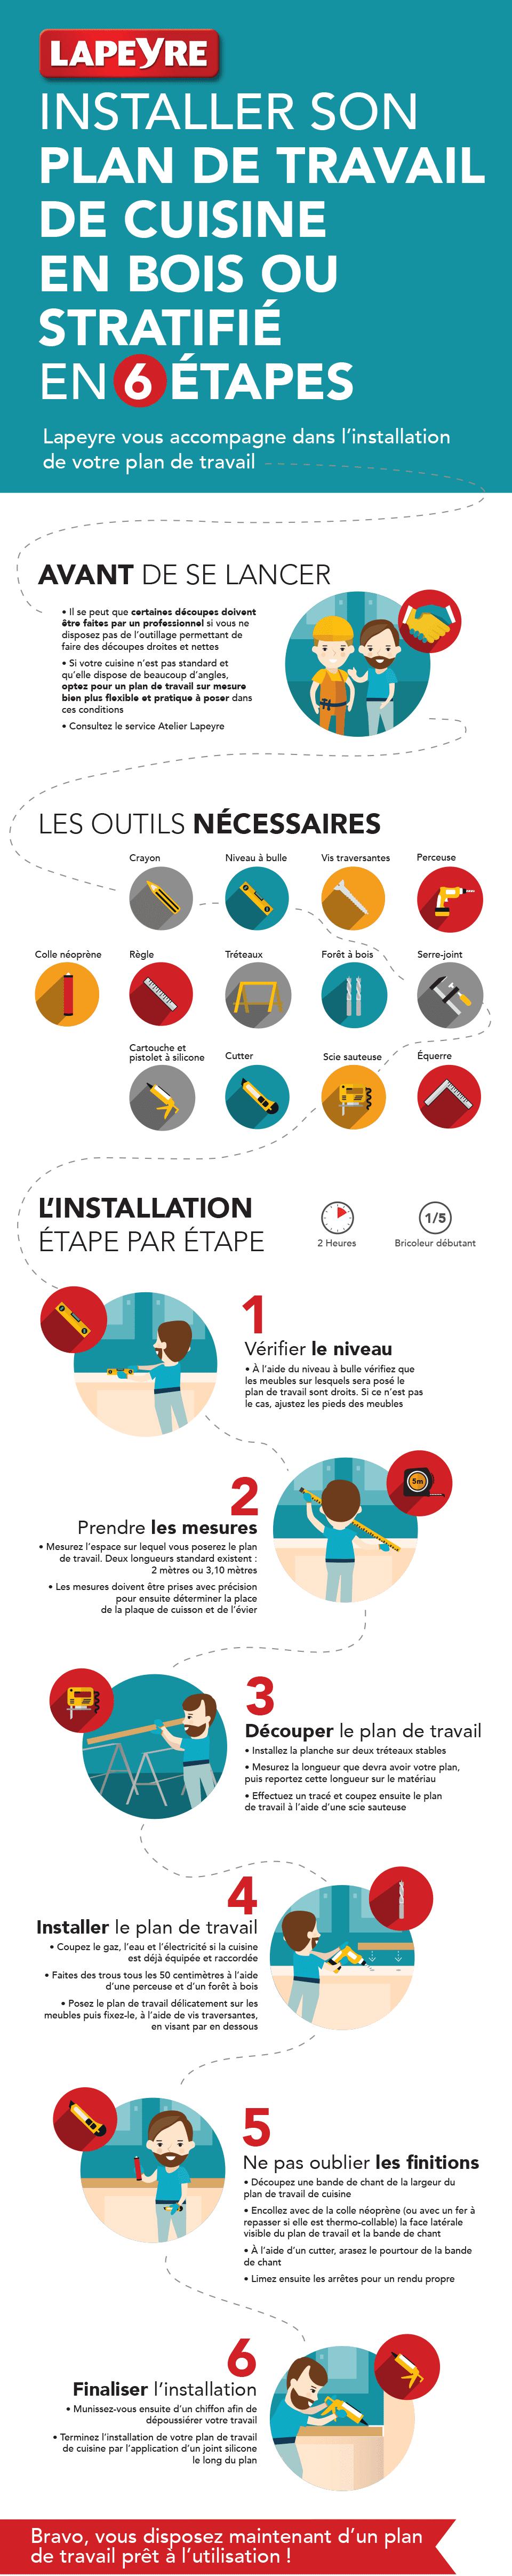 Infographie plan de travail